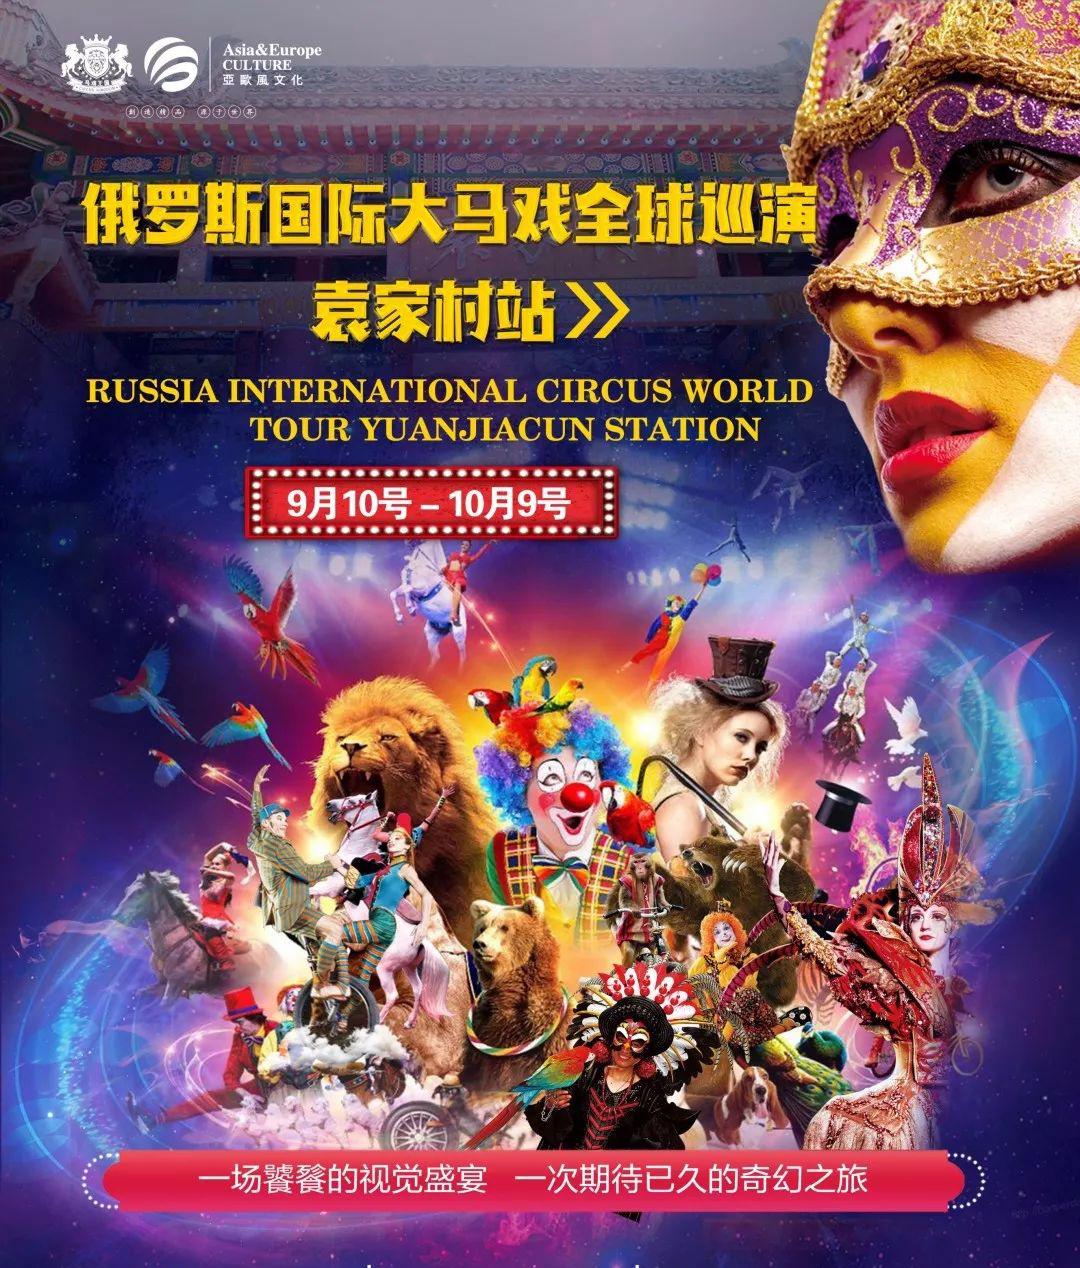 俄罗斯国际大马戏全球巡演-西安袁家村站